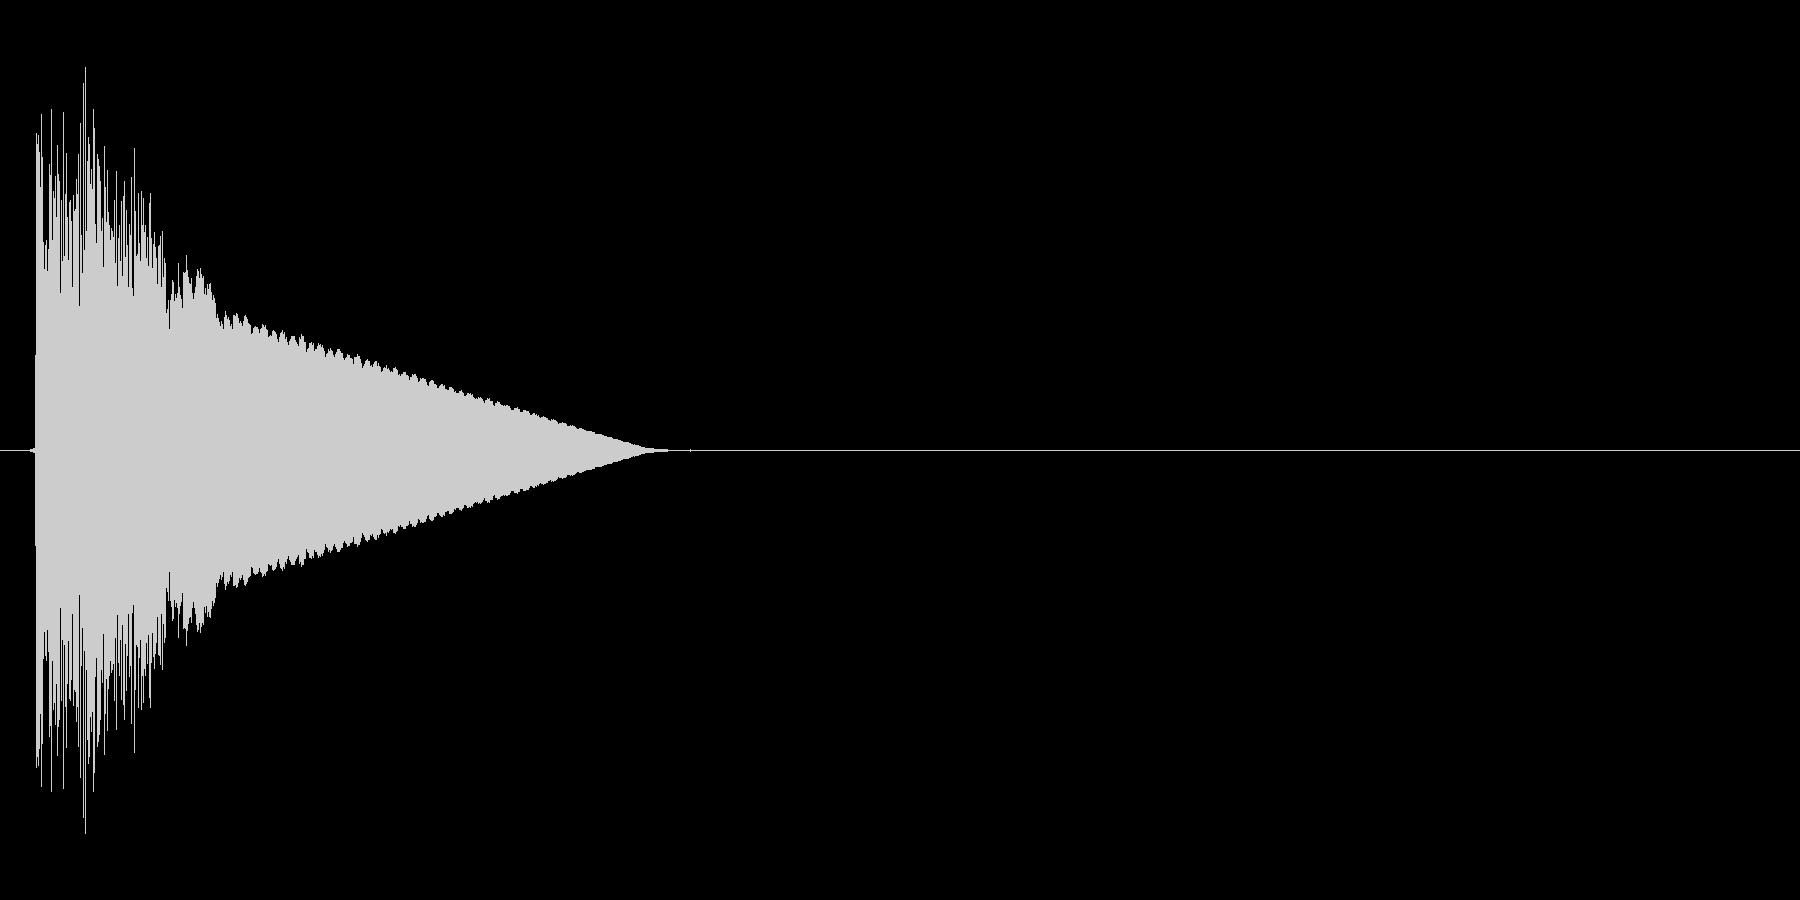 キュイーン!(行動ターン、合図)の未再生の波形